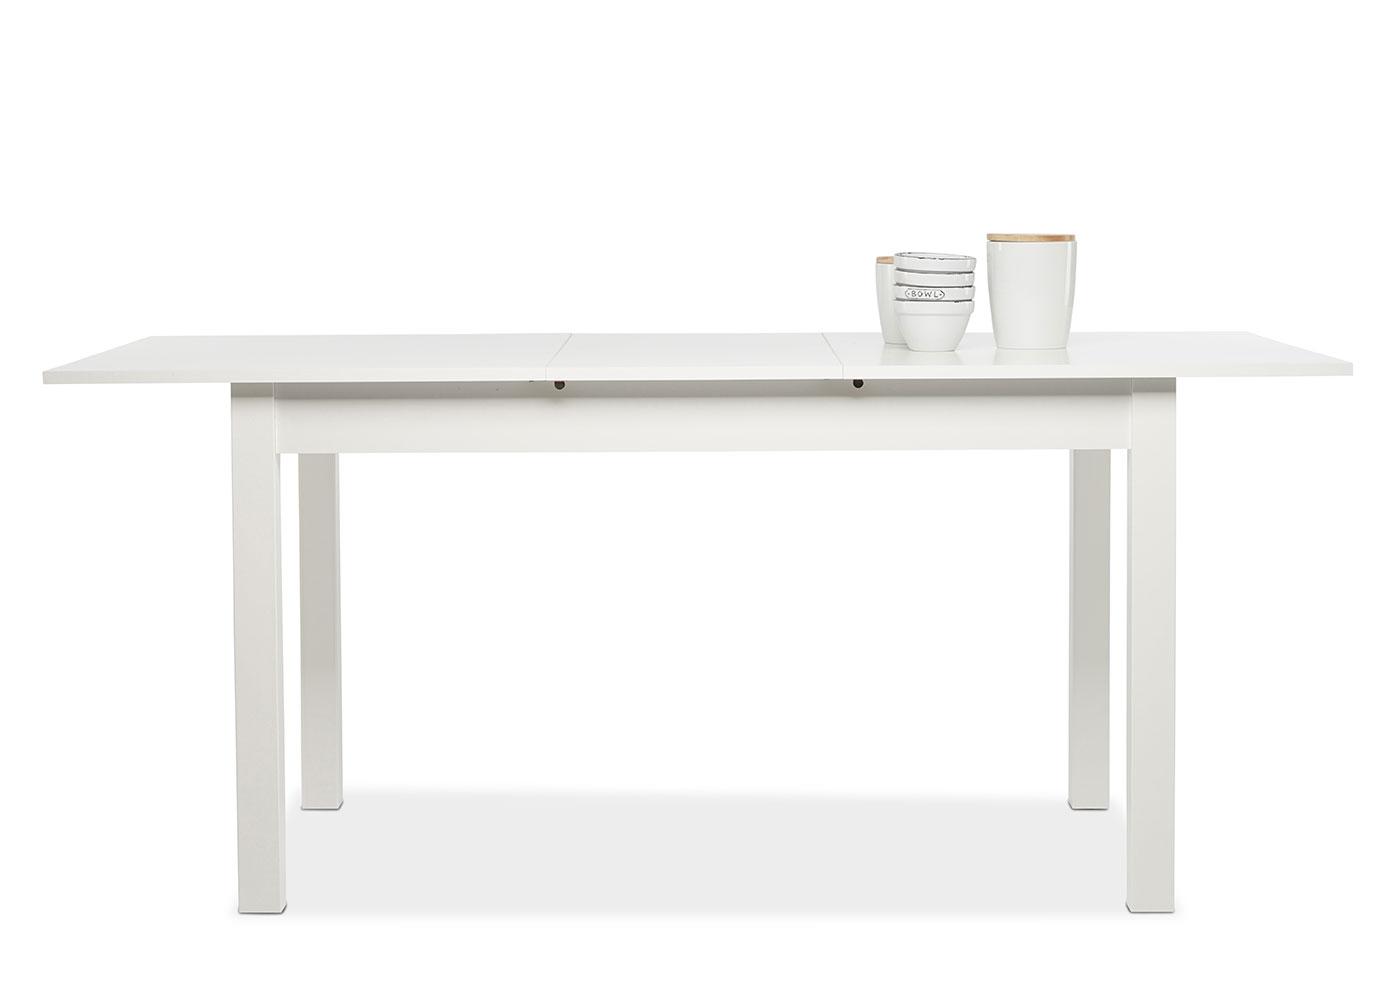 Jedálny stôl rozkladací Kronborg, 180 cm, biela, biela